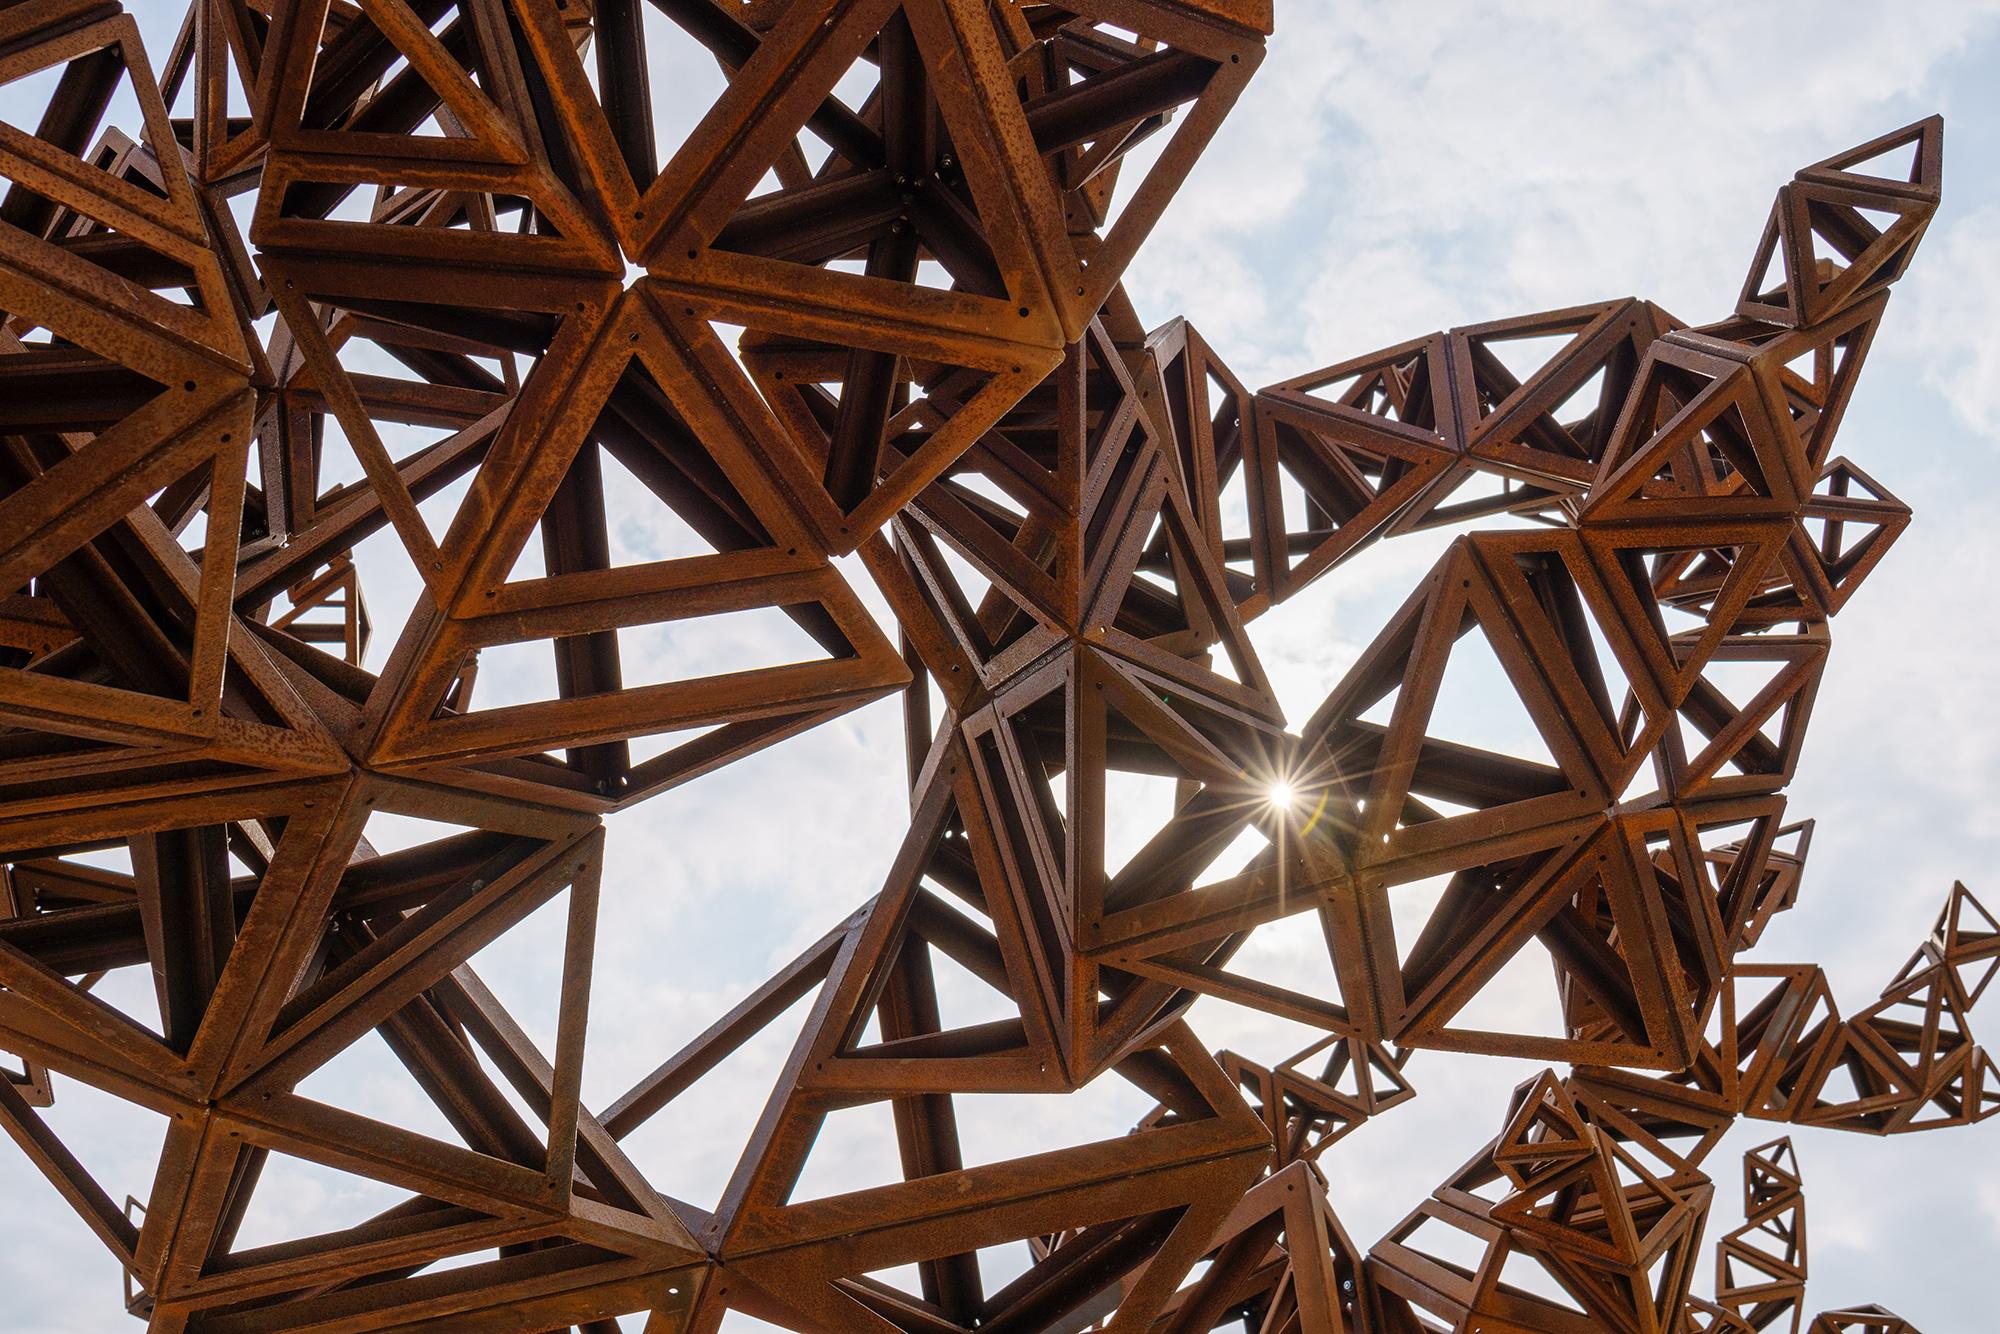 Sculpture-Park-0388